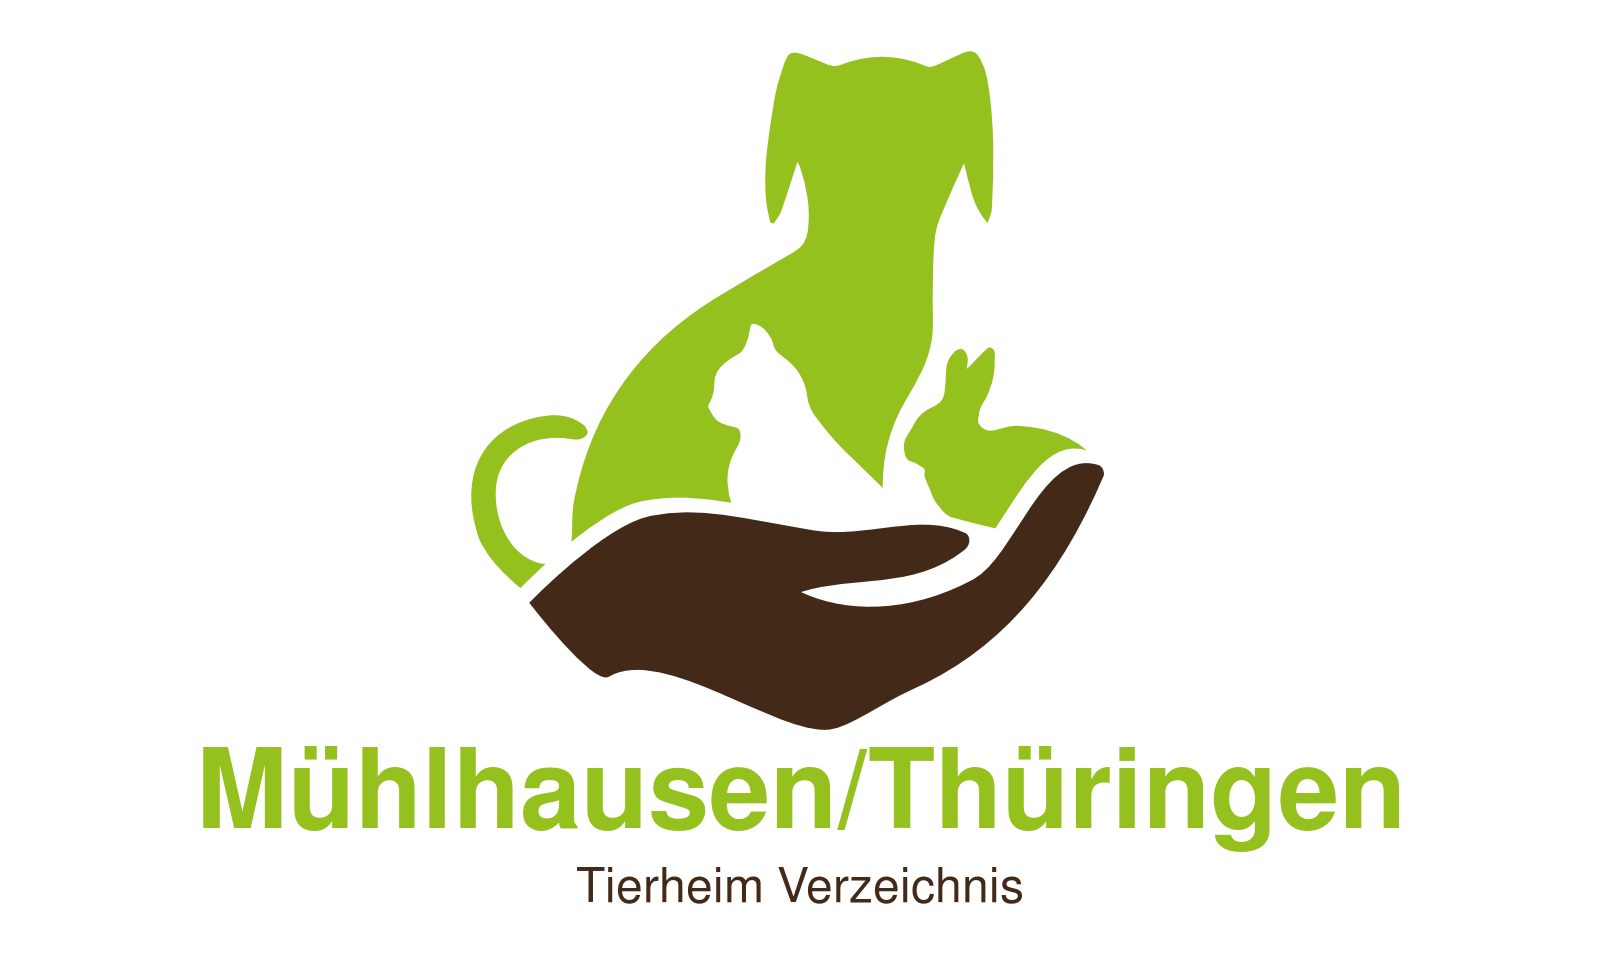 Tierheim Mühlhausen/Thüringen